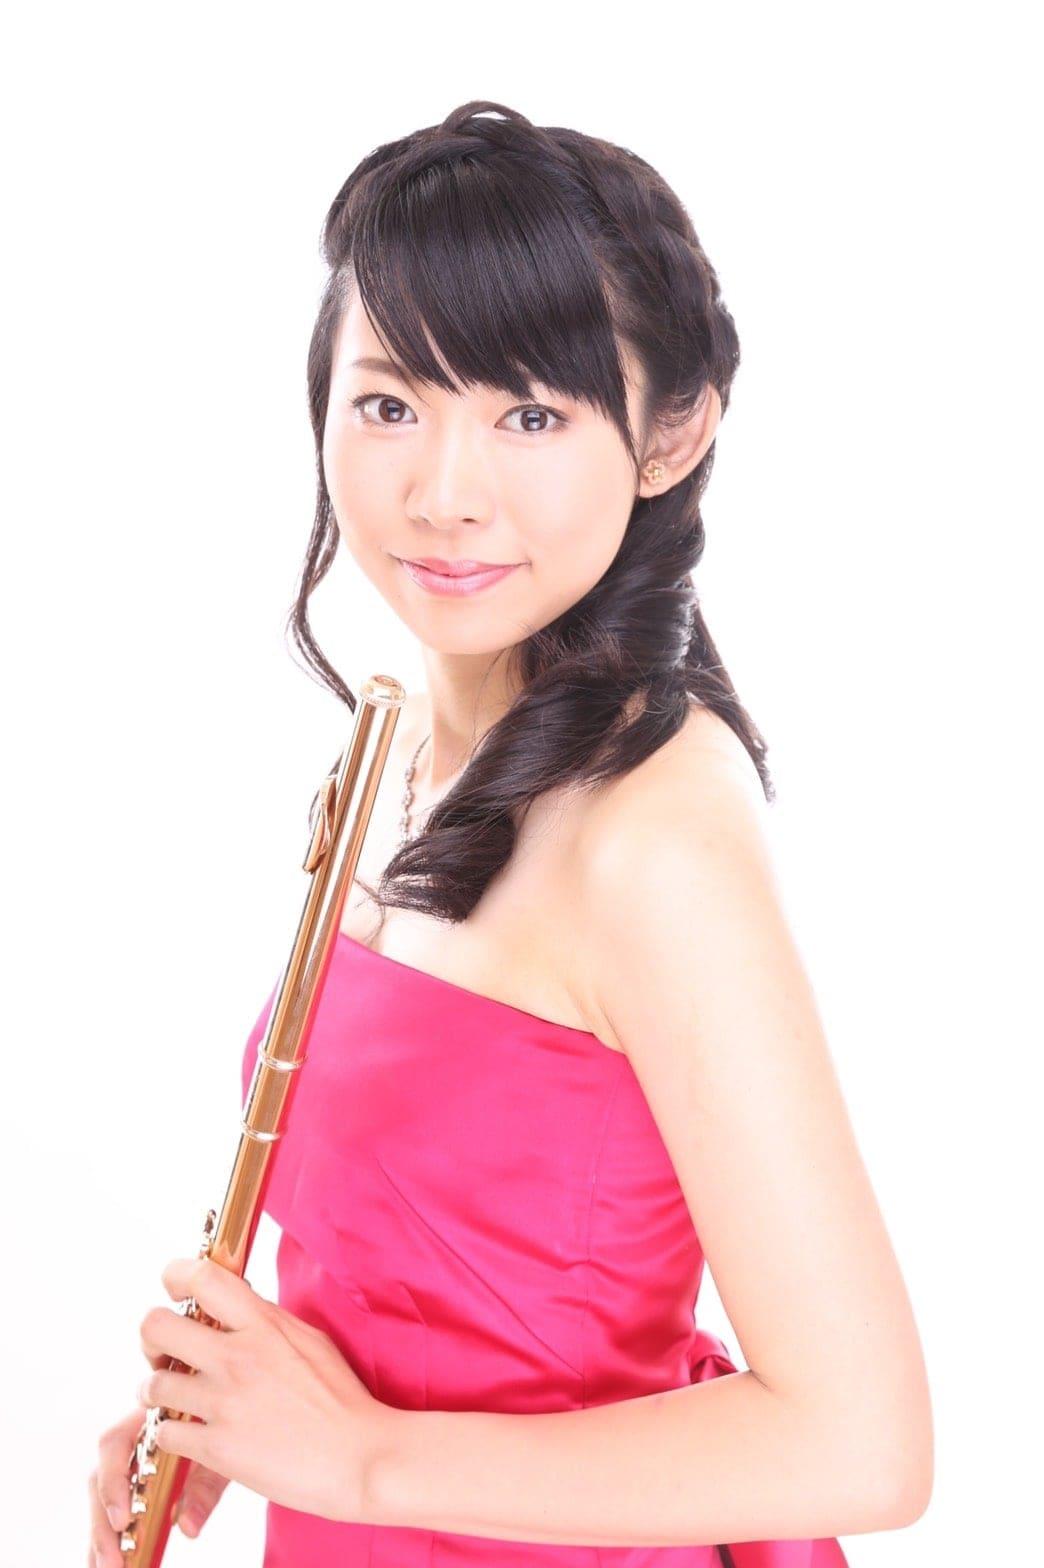 名古屋茶屋ヶ坂フルート・ピッコロ音楽教室/初回お試しレッスンのイメージその1